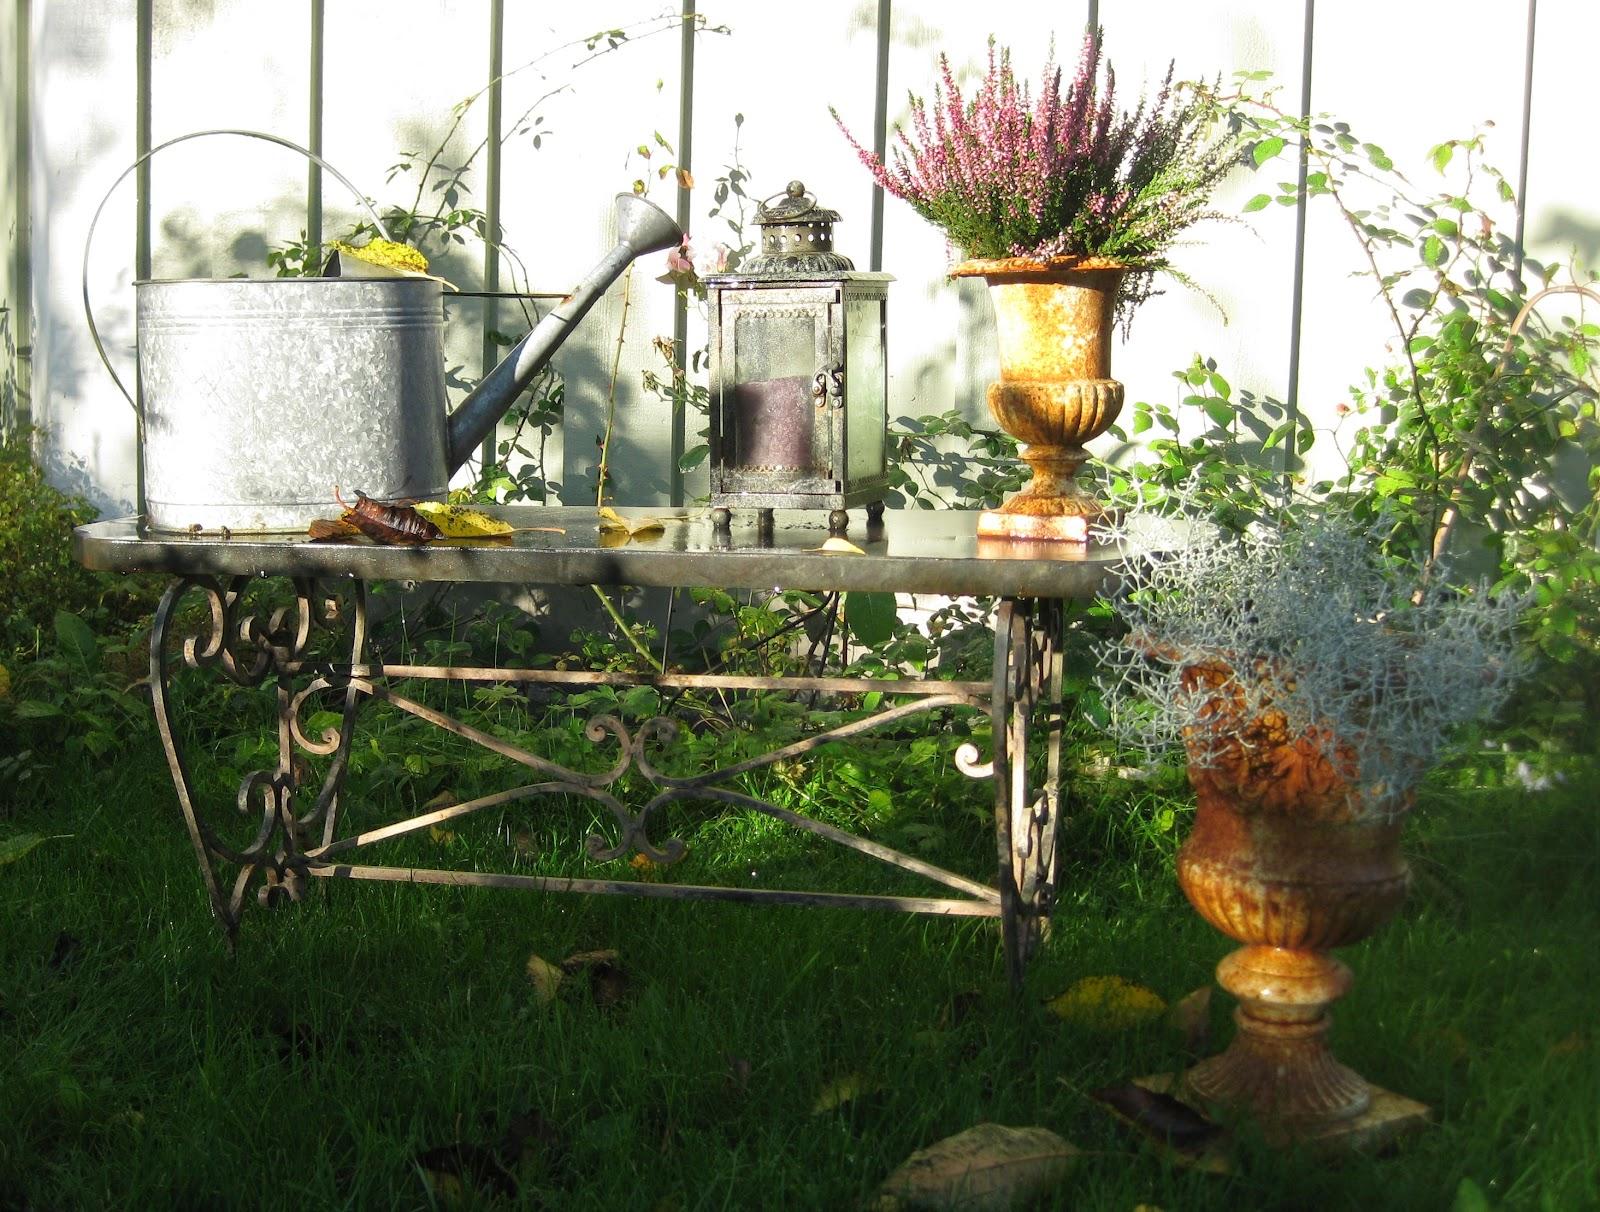 Blommiga Rutan: Höst i trädgården - Fredagsmat - Fisksoppa med mycket vitlök